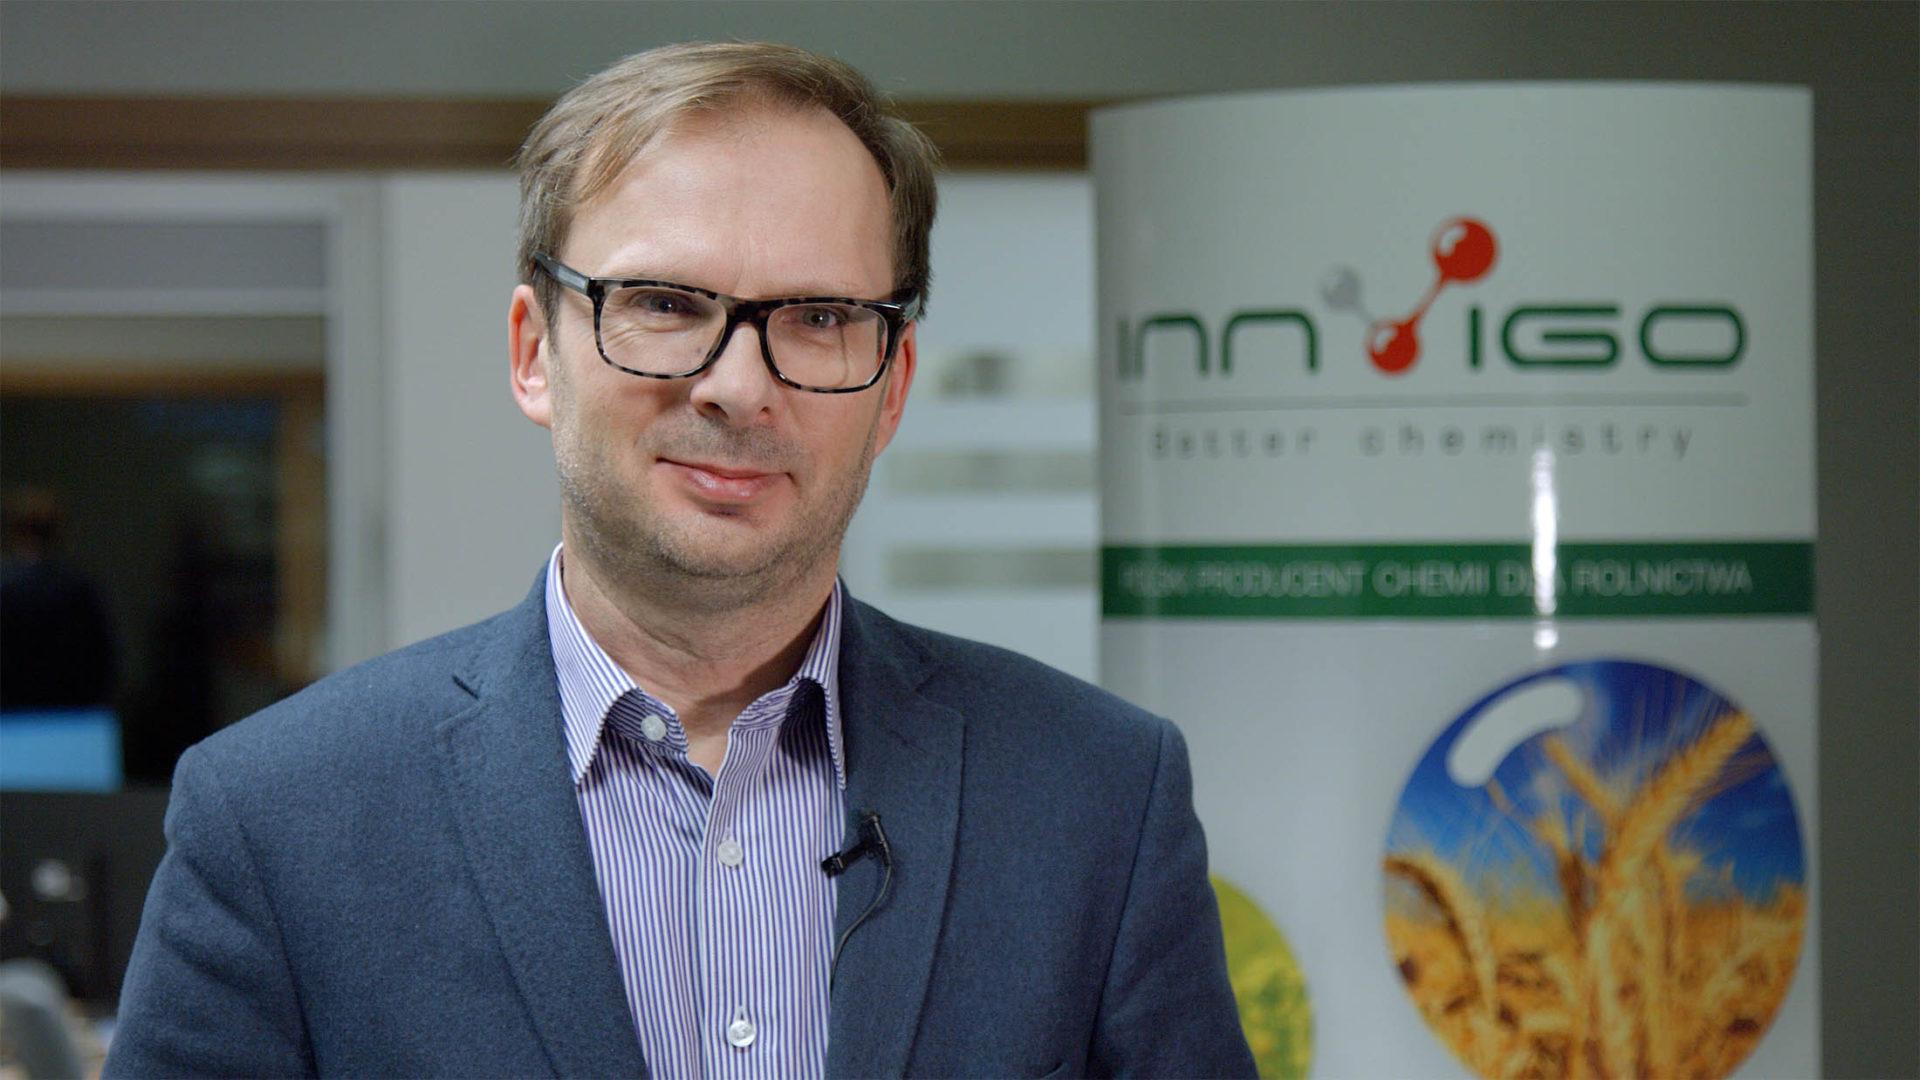 Krzysztof Golec